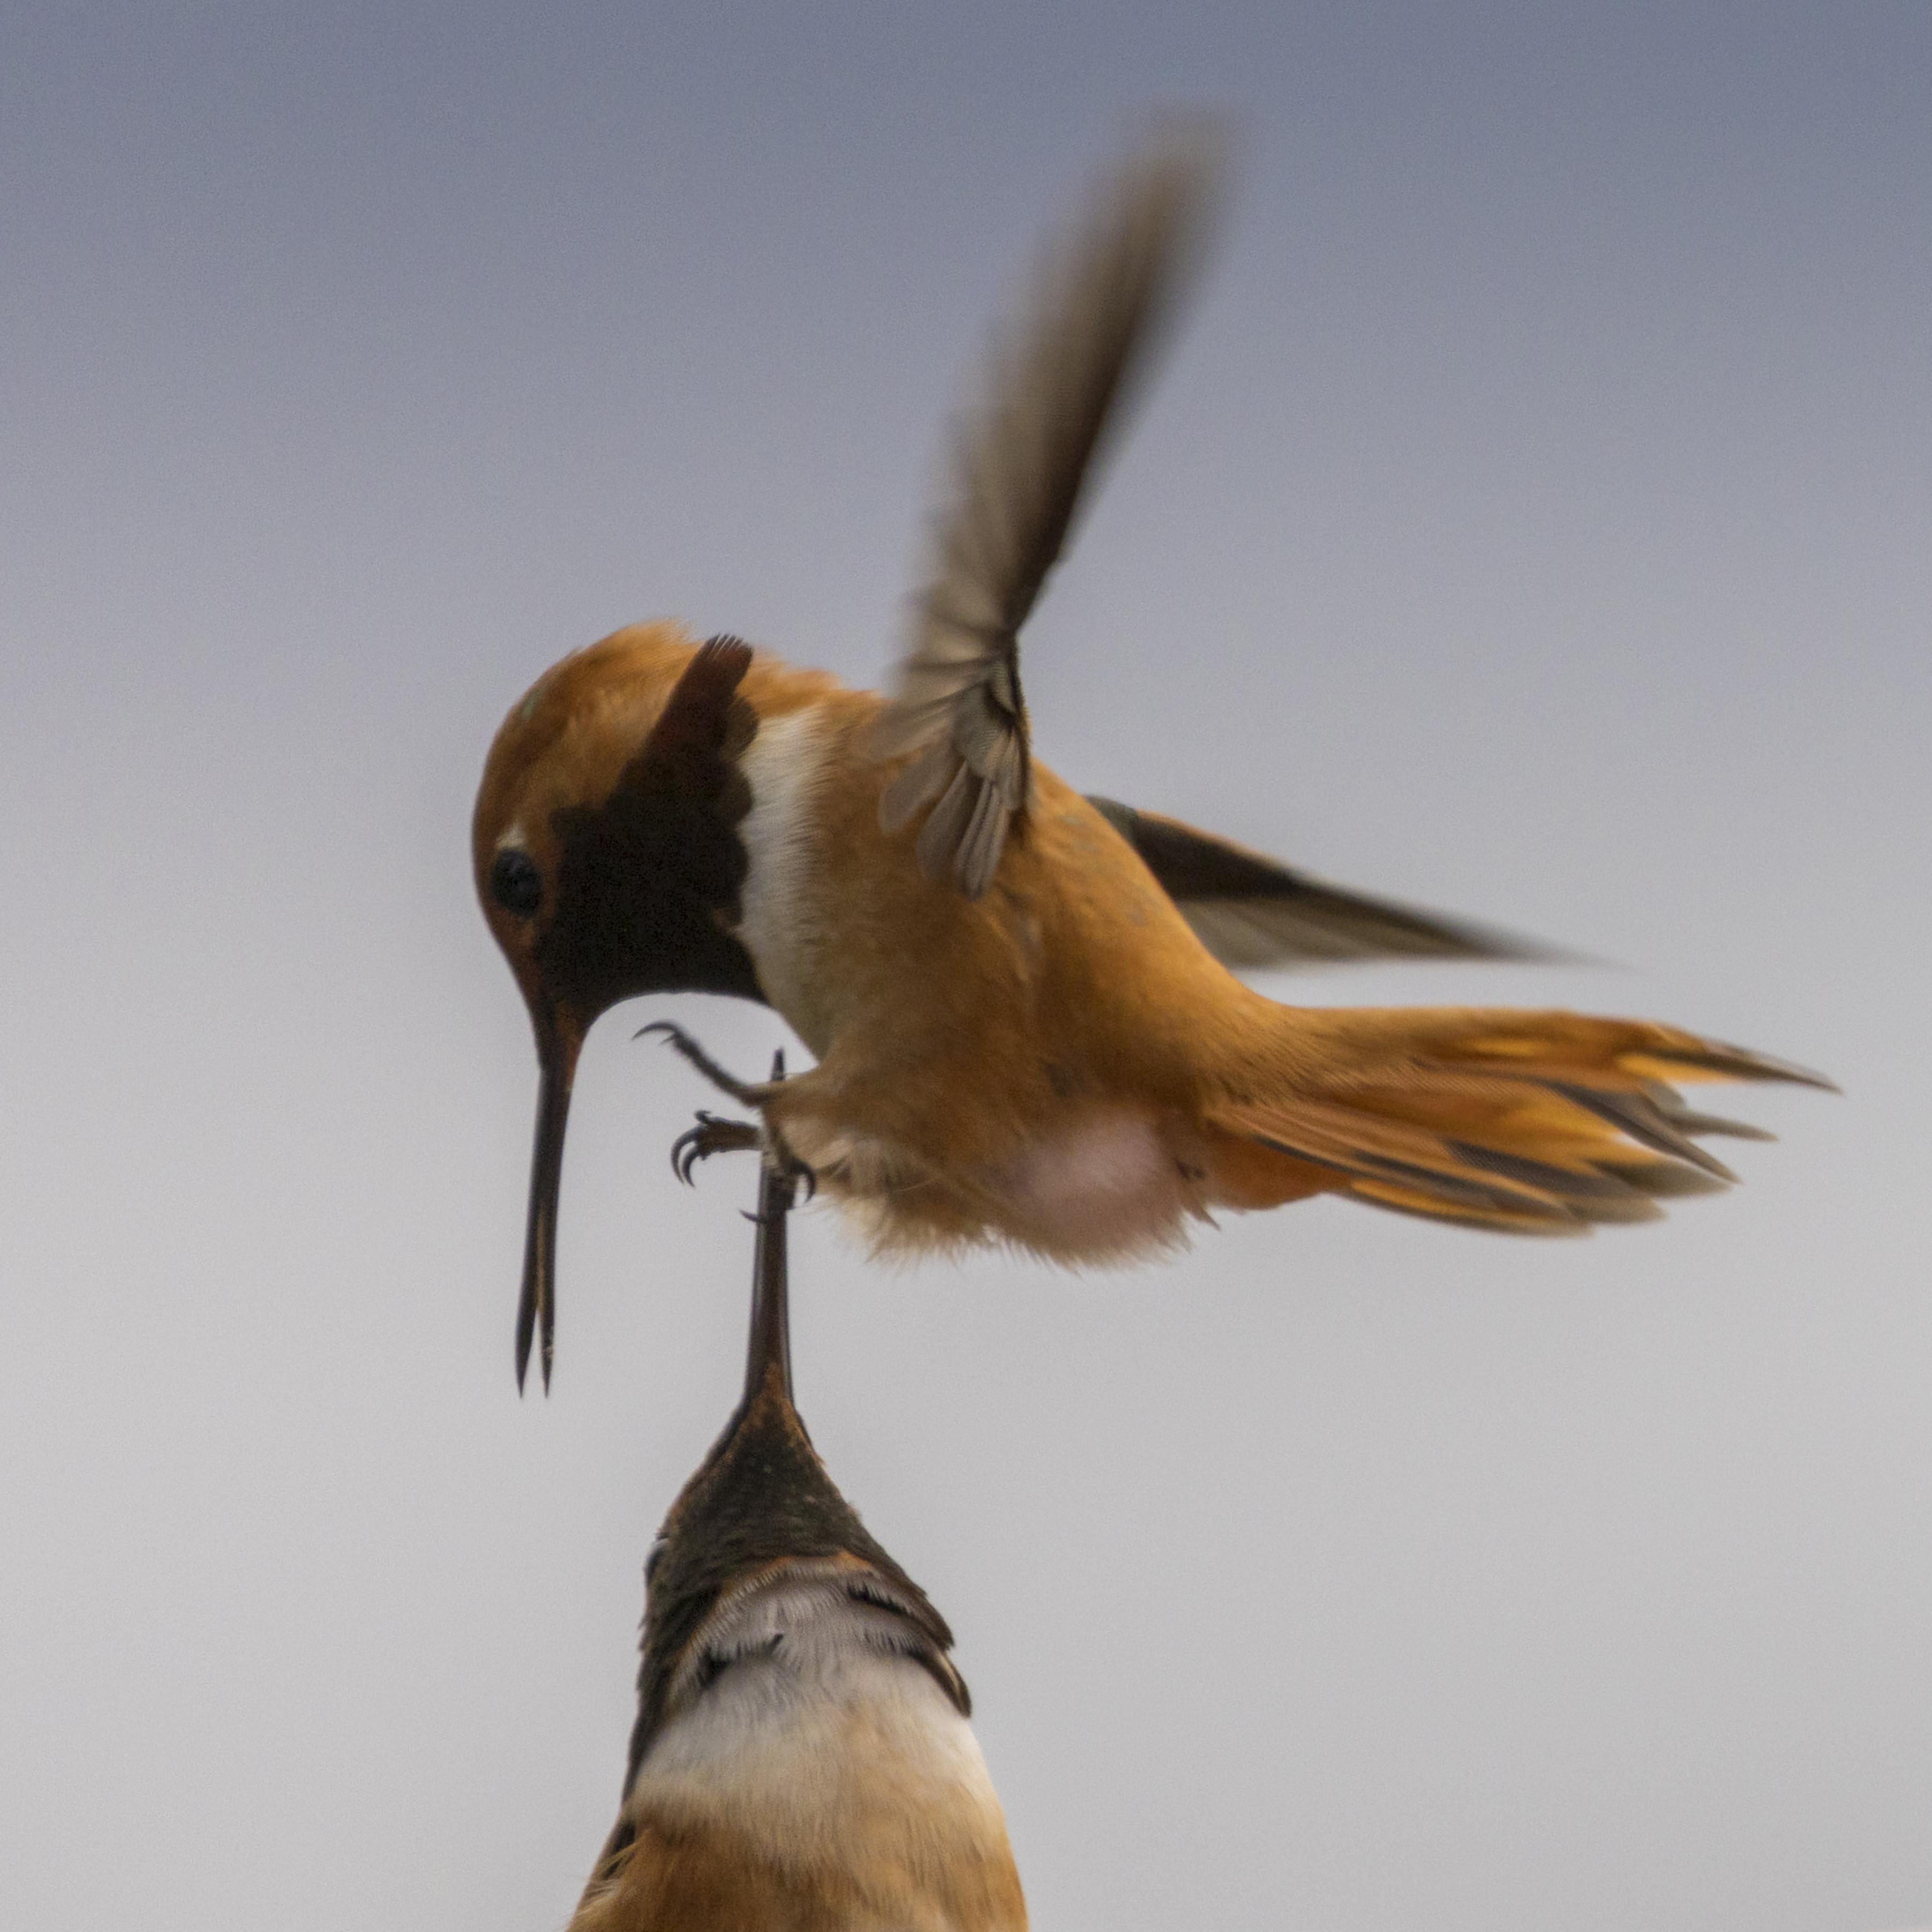 2103262067is Hummingbirds One on top of Beak.jpg